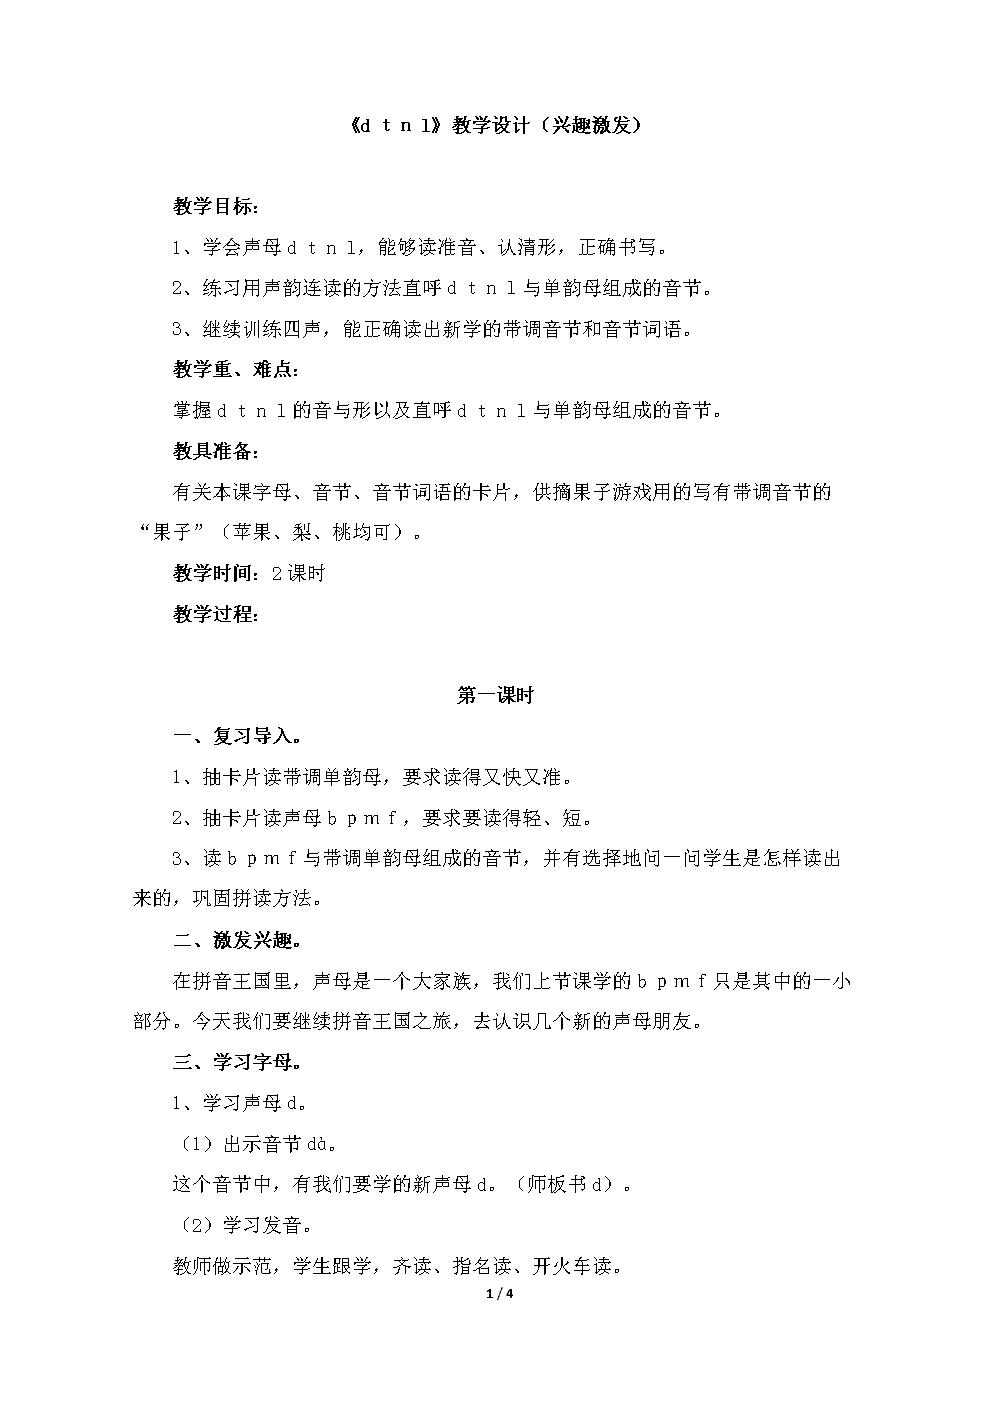 小学一年级语文上册《d_t_n_l》教学设计(兴趣激发)(苏教版).doc